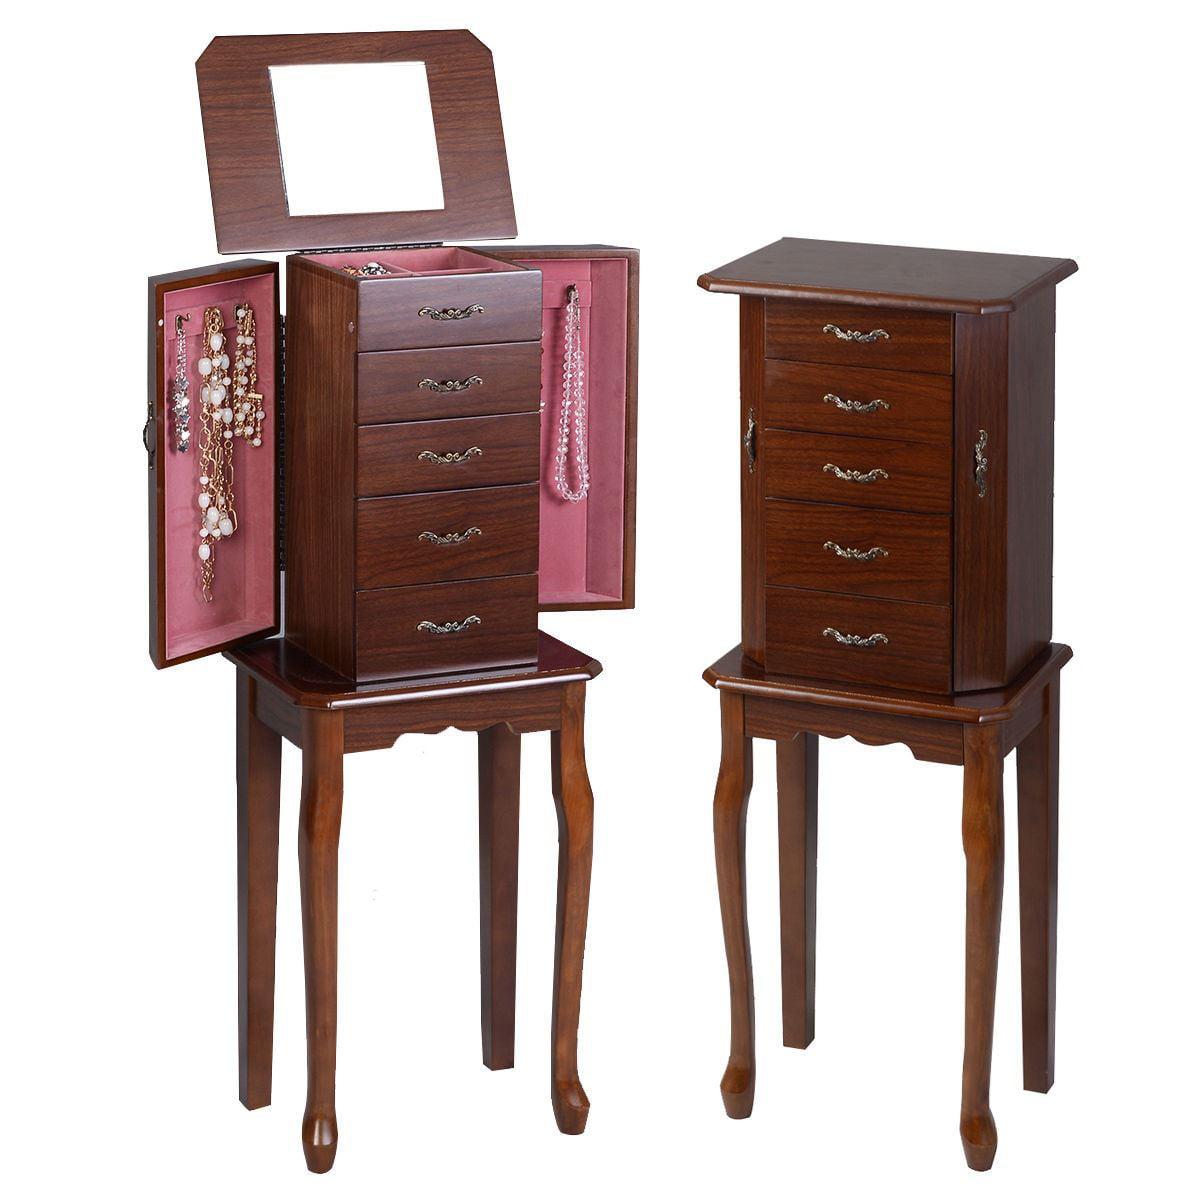 Image of: Costway Jewelry Cabinet Armoire Storage Chest Stand Organizer Wood Box Walnut Walmart Com Walmart Com